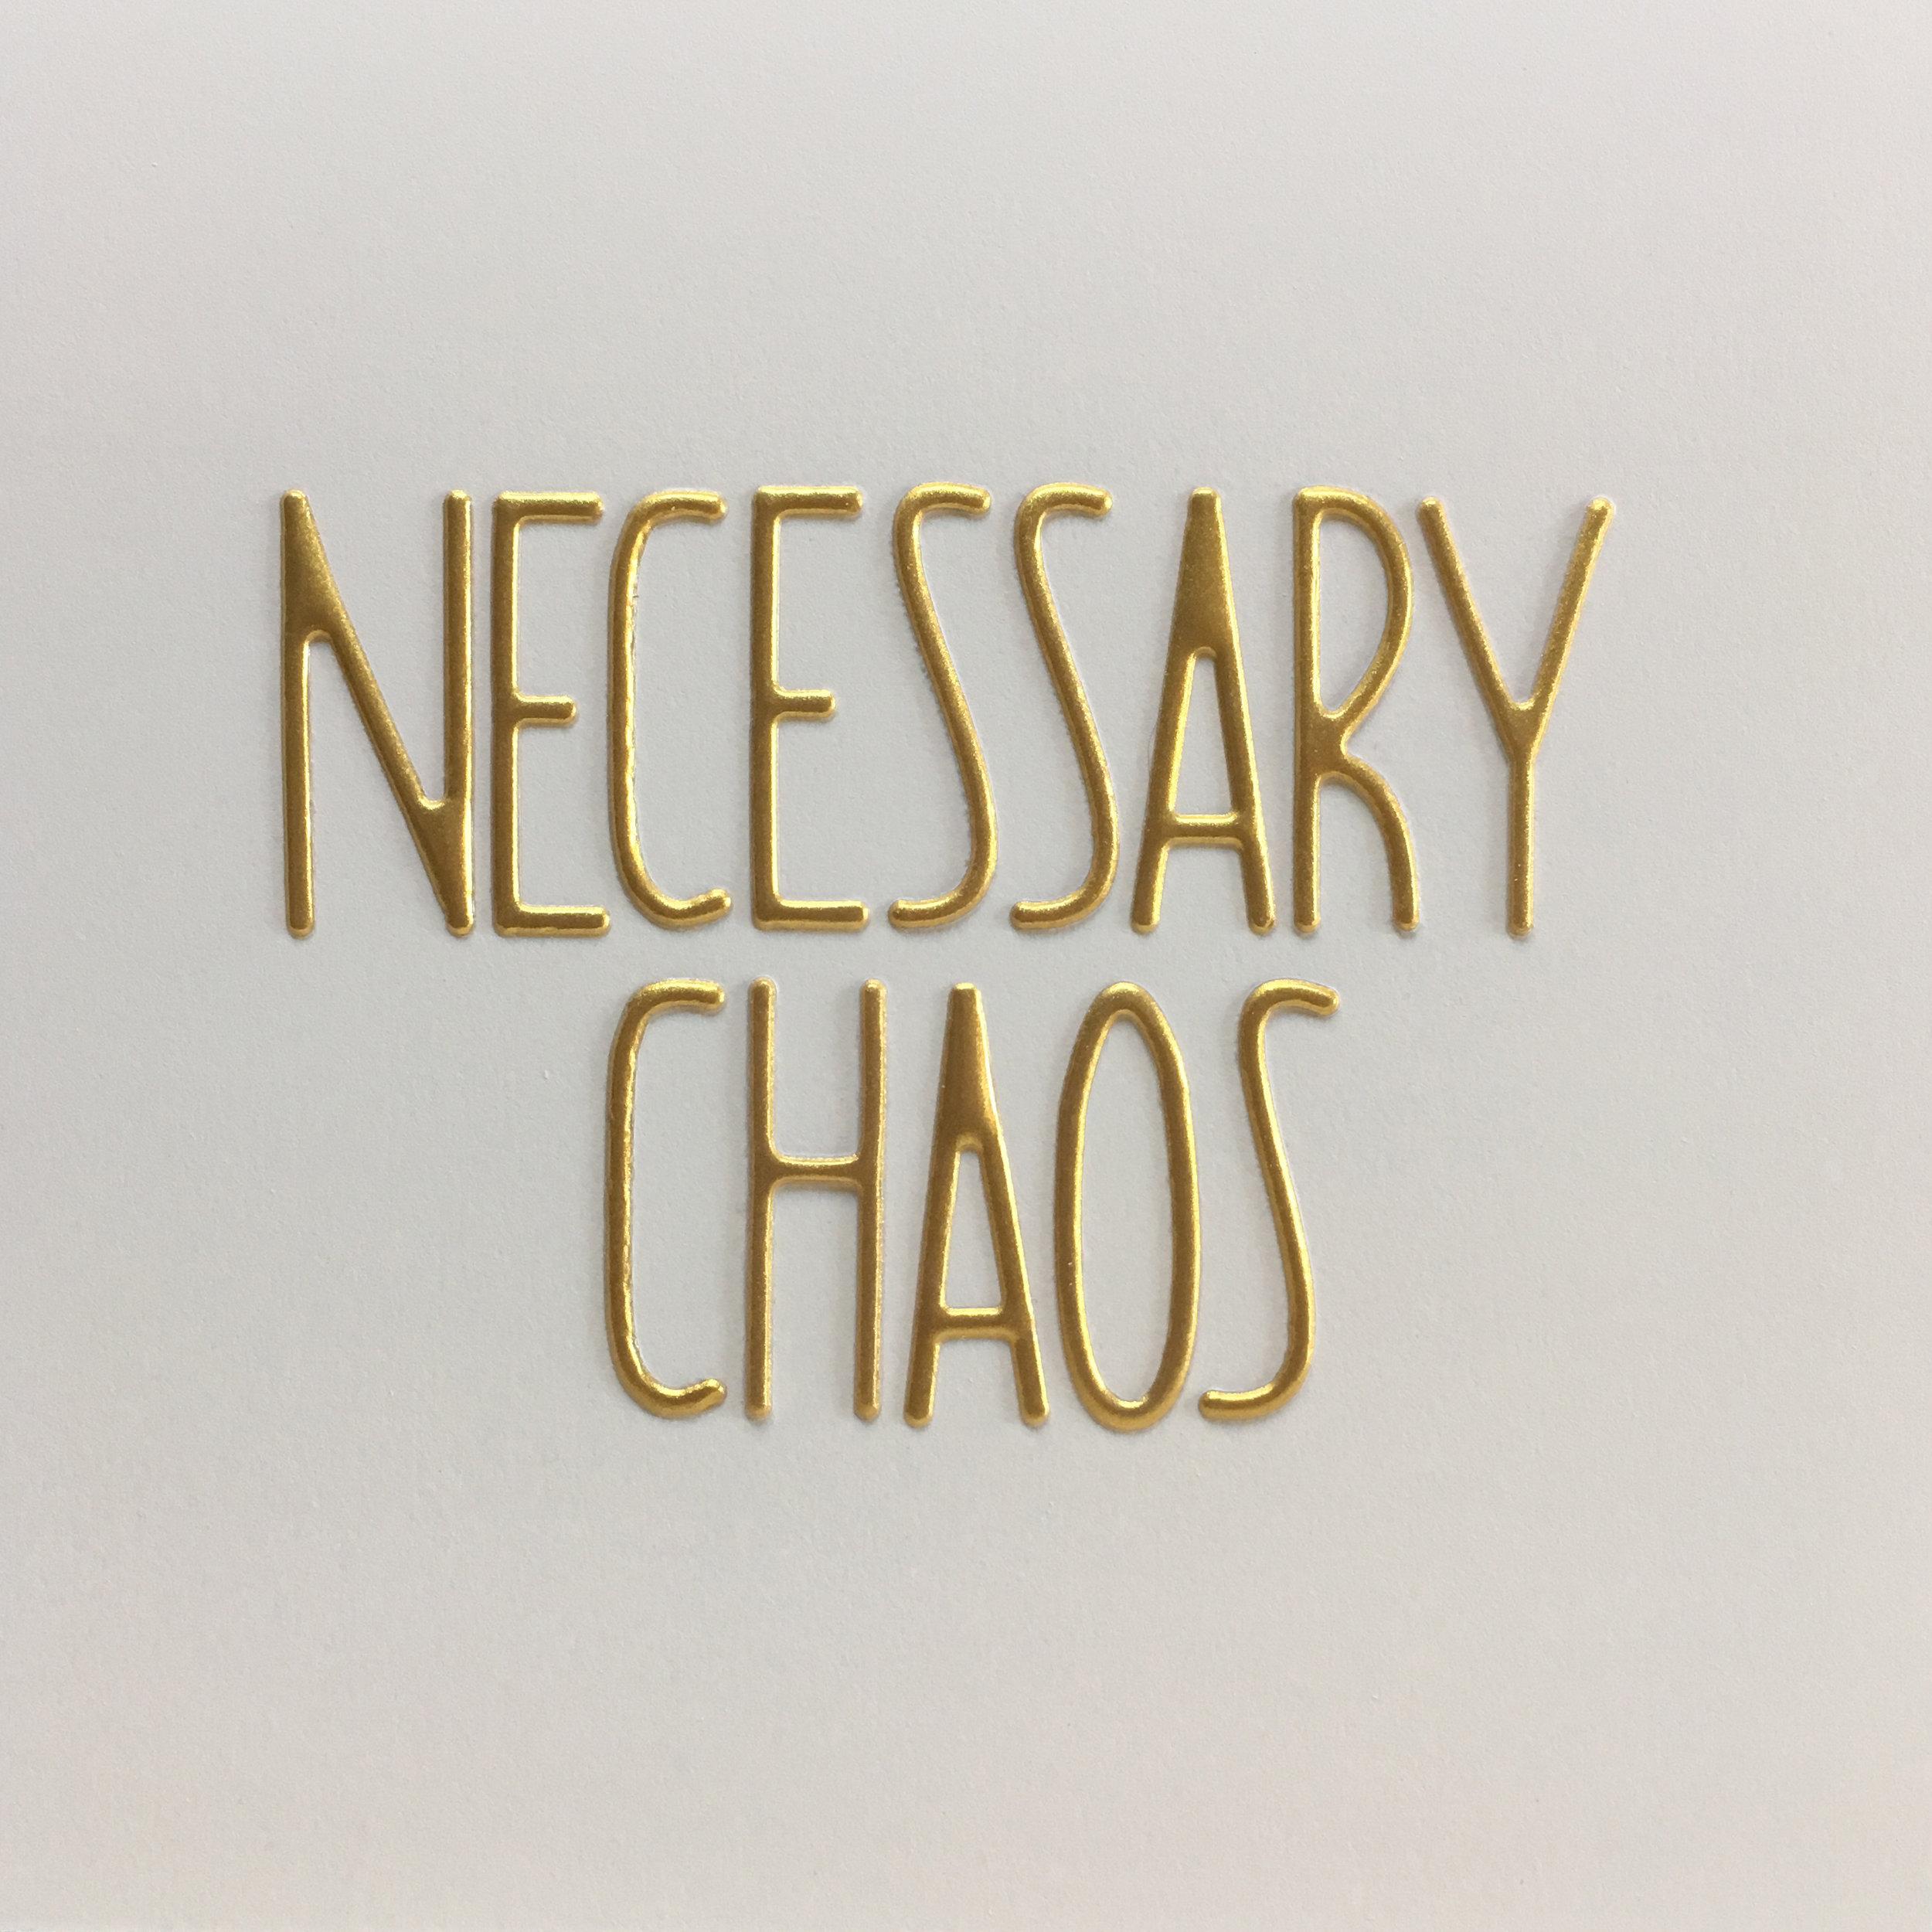 necessary chaos.jpg